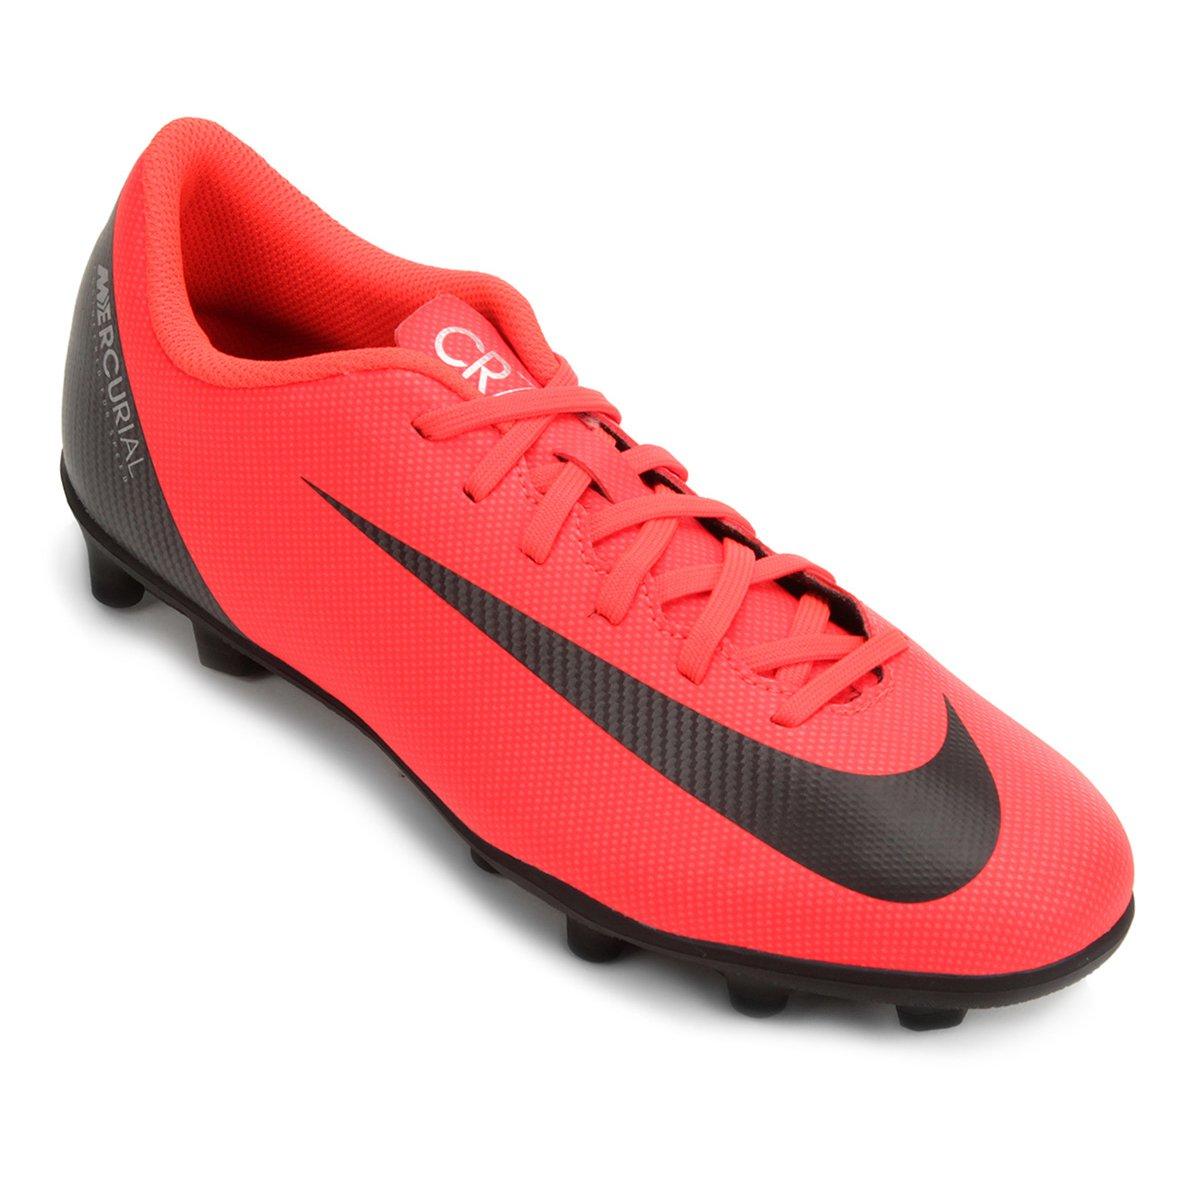 c43ebfe873 Chuteira Campo Nike Mercurial Vapor 12 Club CR7 FG - Vermelho e ...